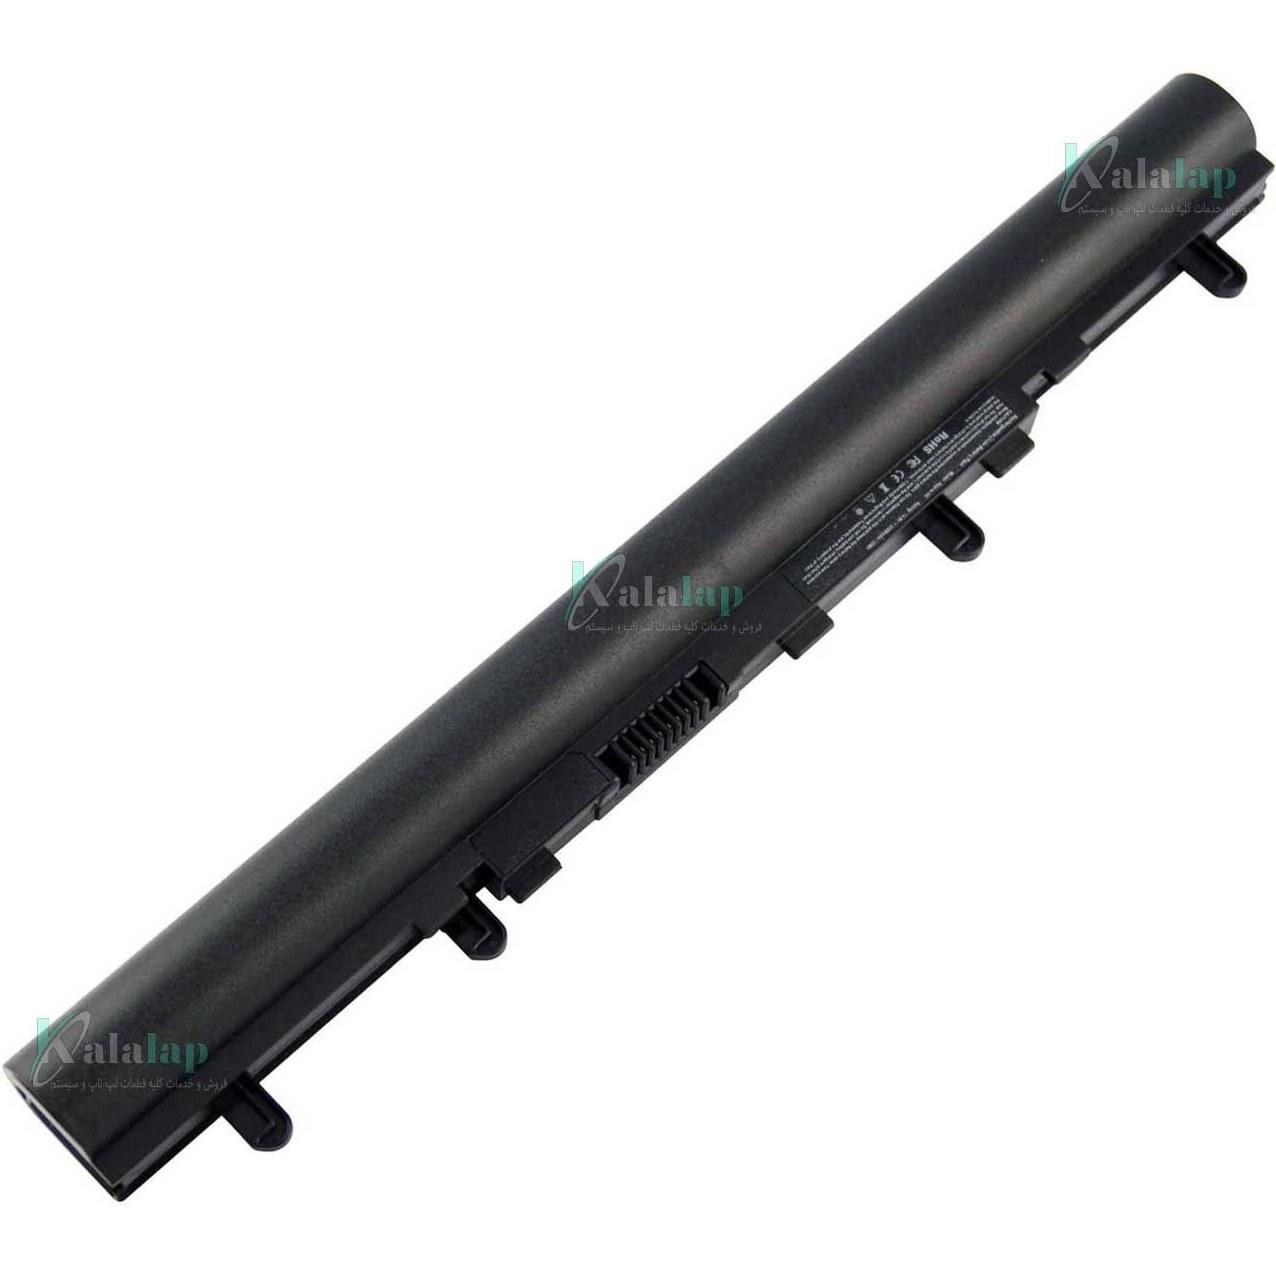 تصویر باتری لپ تاپ ایسر E1-572 E1-570 E1-470 AL12A32 Laptop Battery Acer Aspire V5-431 V5-471 V5-531 V5-571 V5-431G/P V5-471G/P V5-531G/P V5-571G/P AL12A32 4ICR17/65